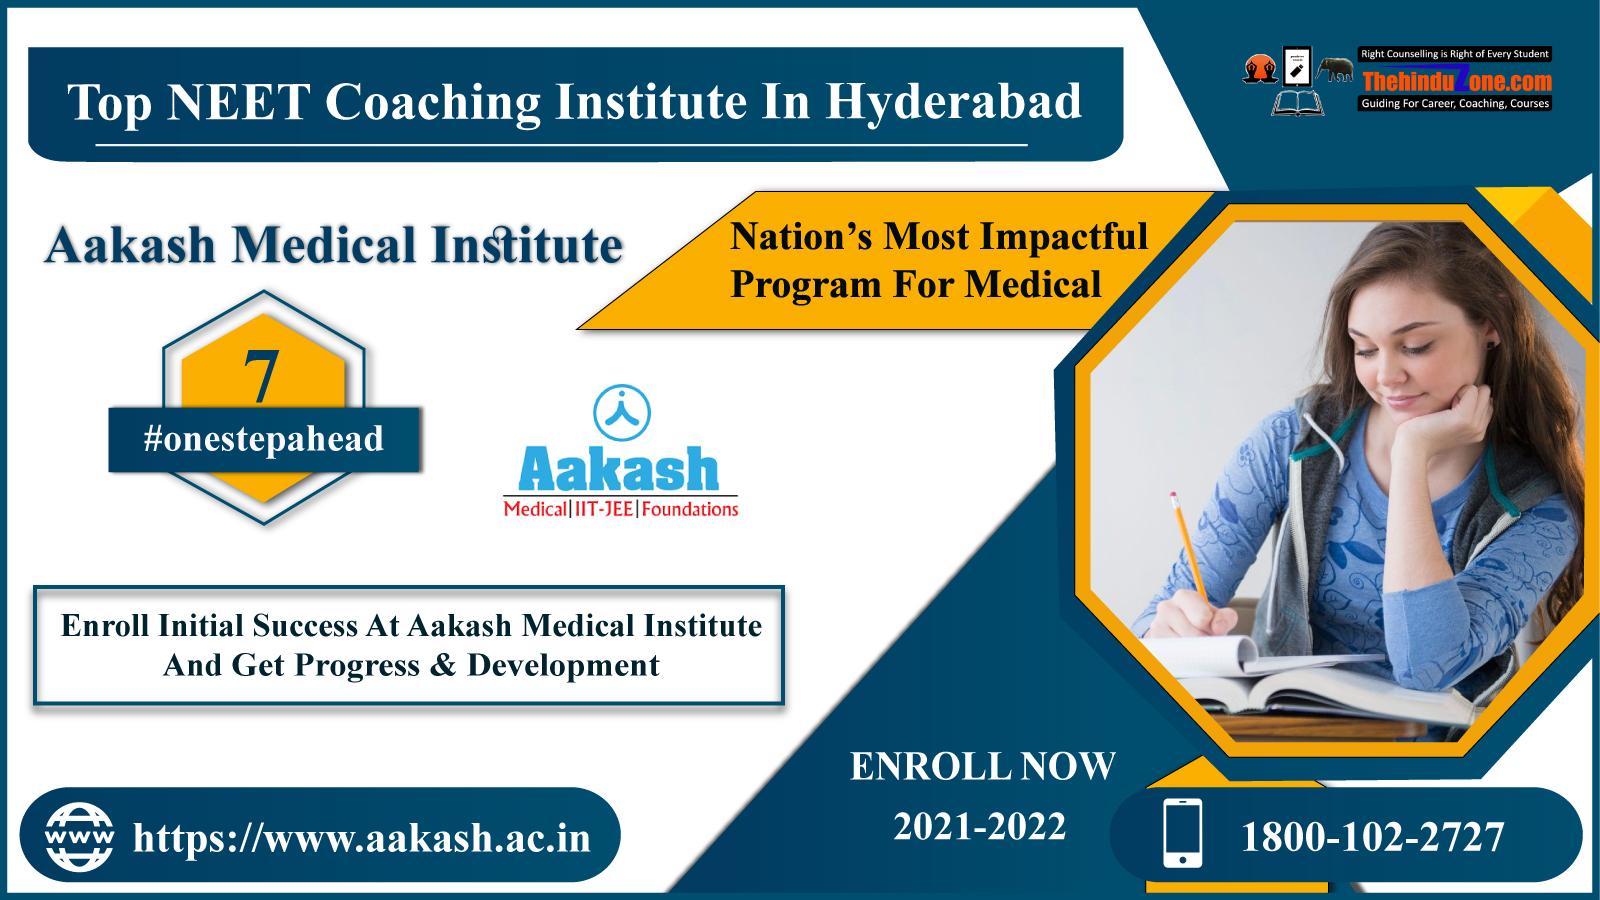 Aakash Medical Institute in Hyderabad